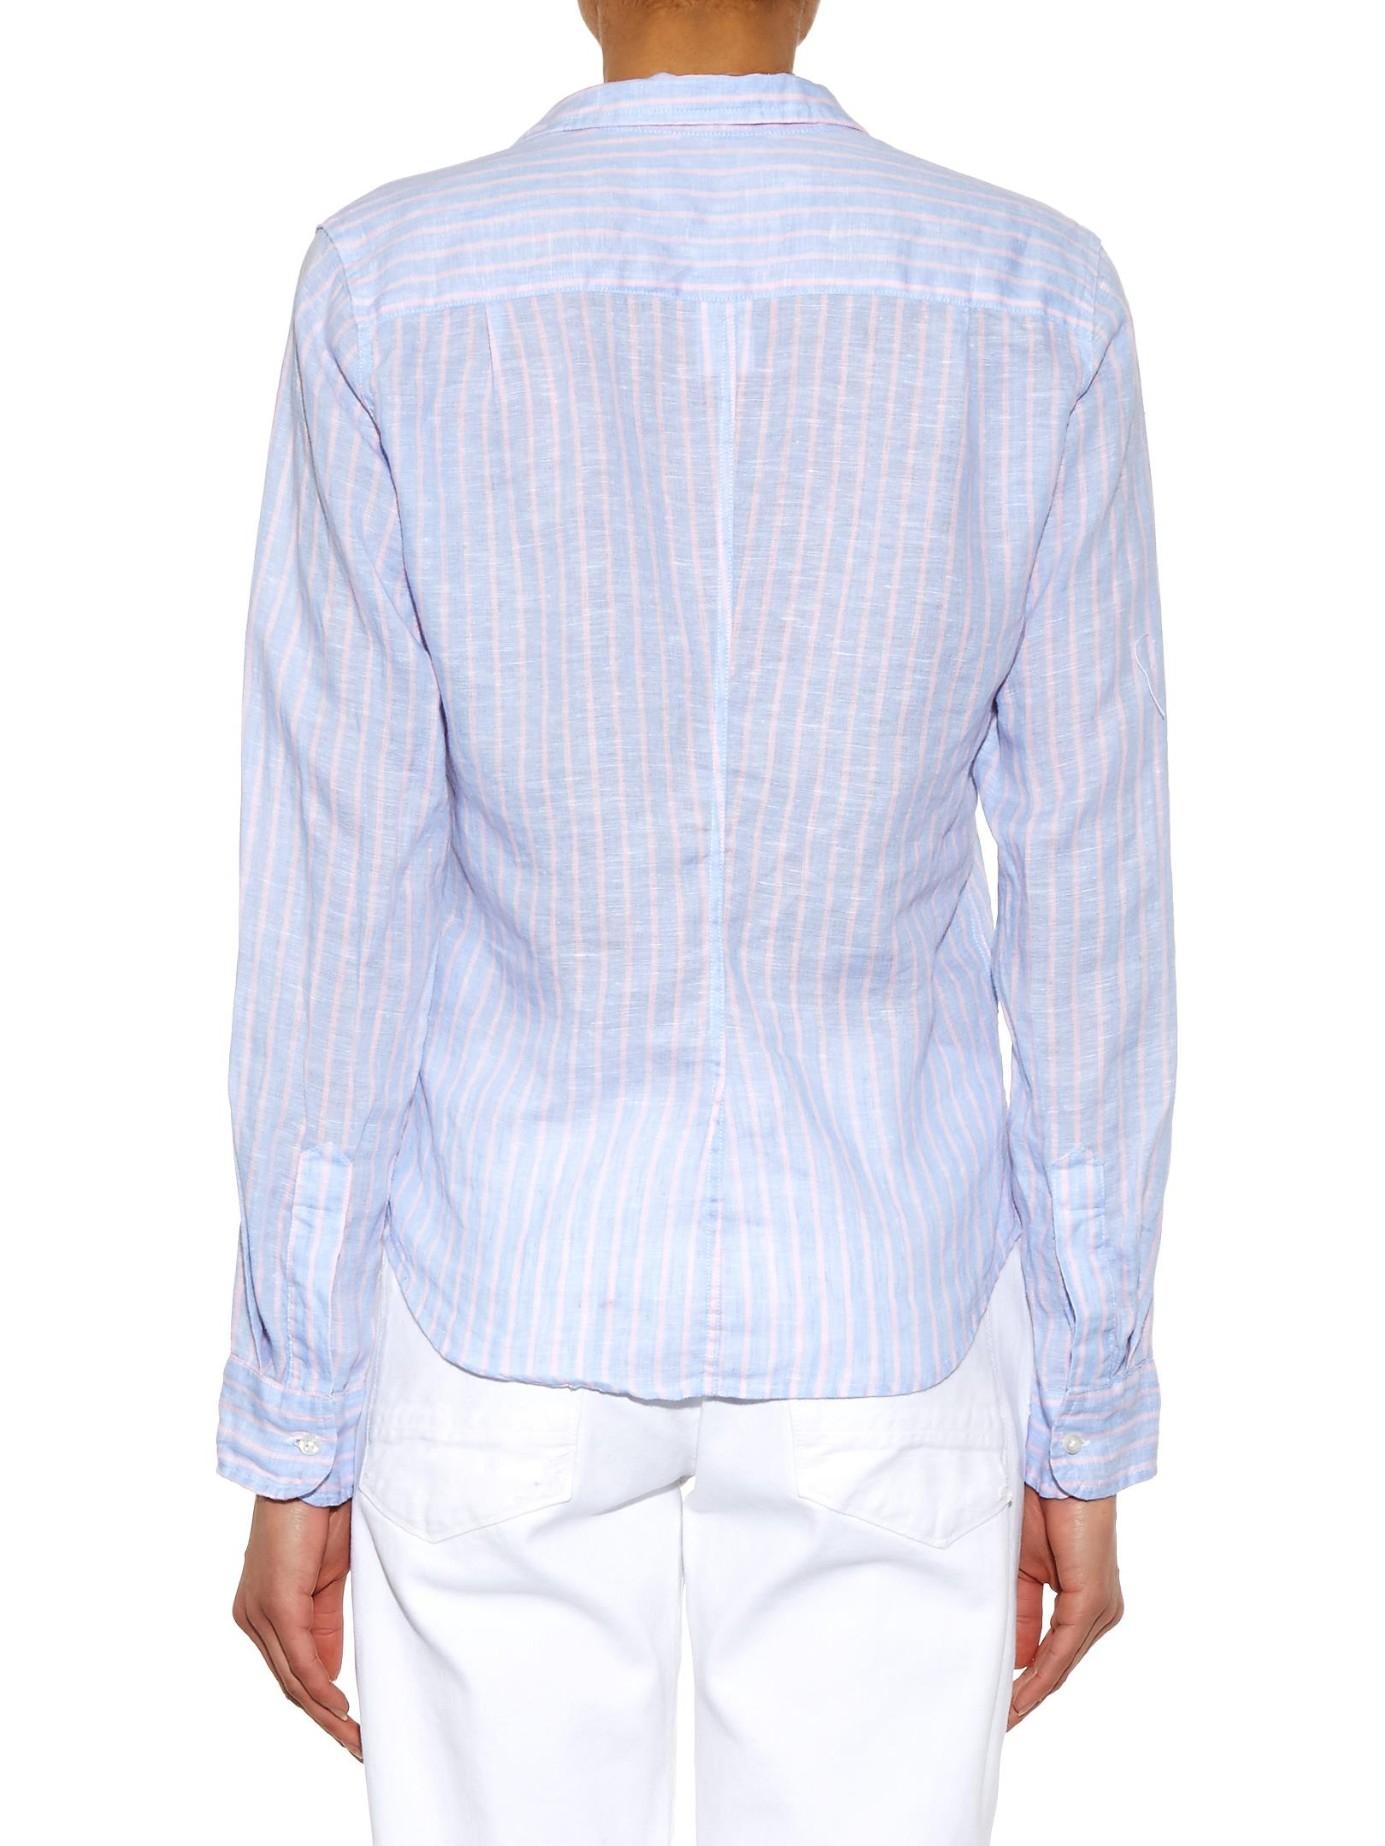 2f75d4e11 Frank & Eileen Barry Striped Linen Shirt in Blue - Lyst